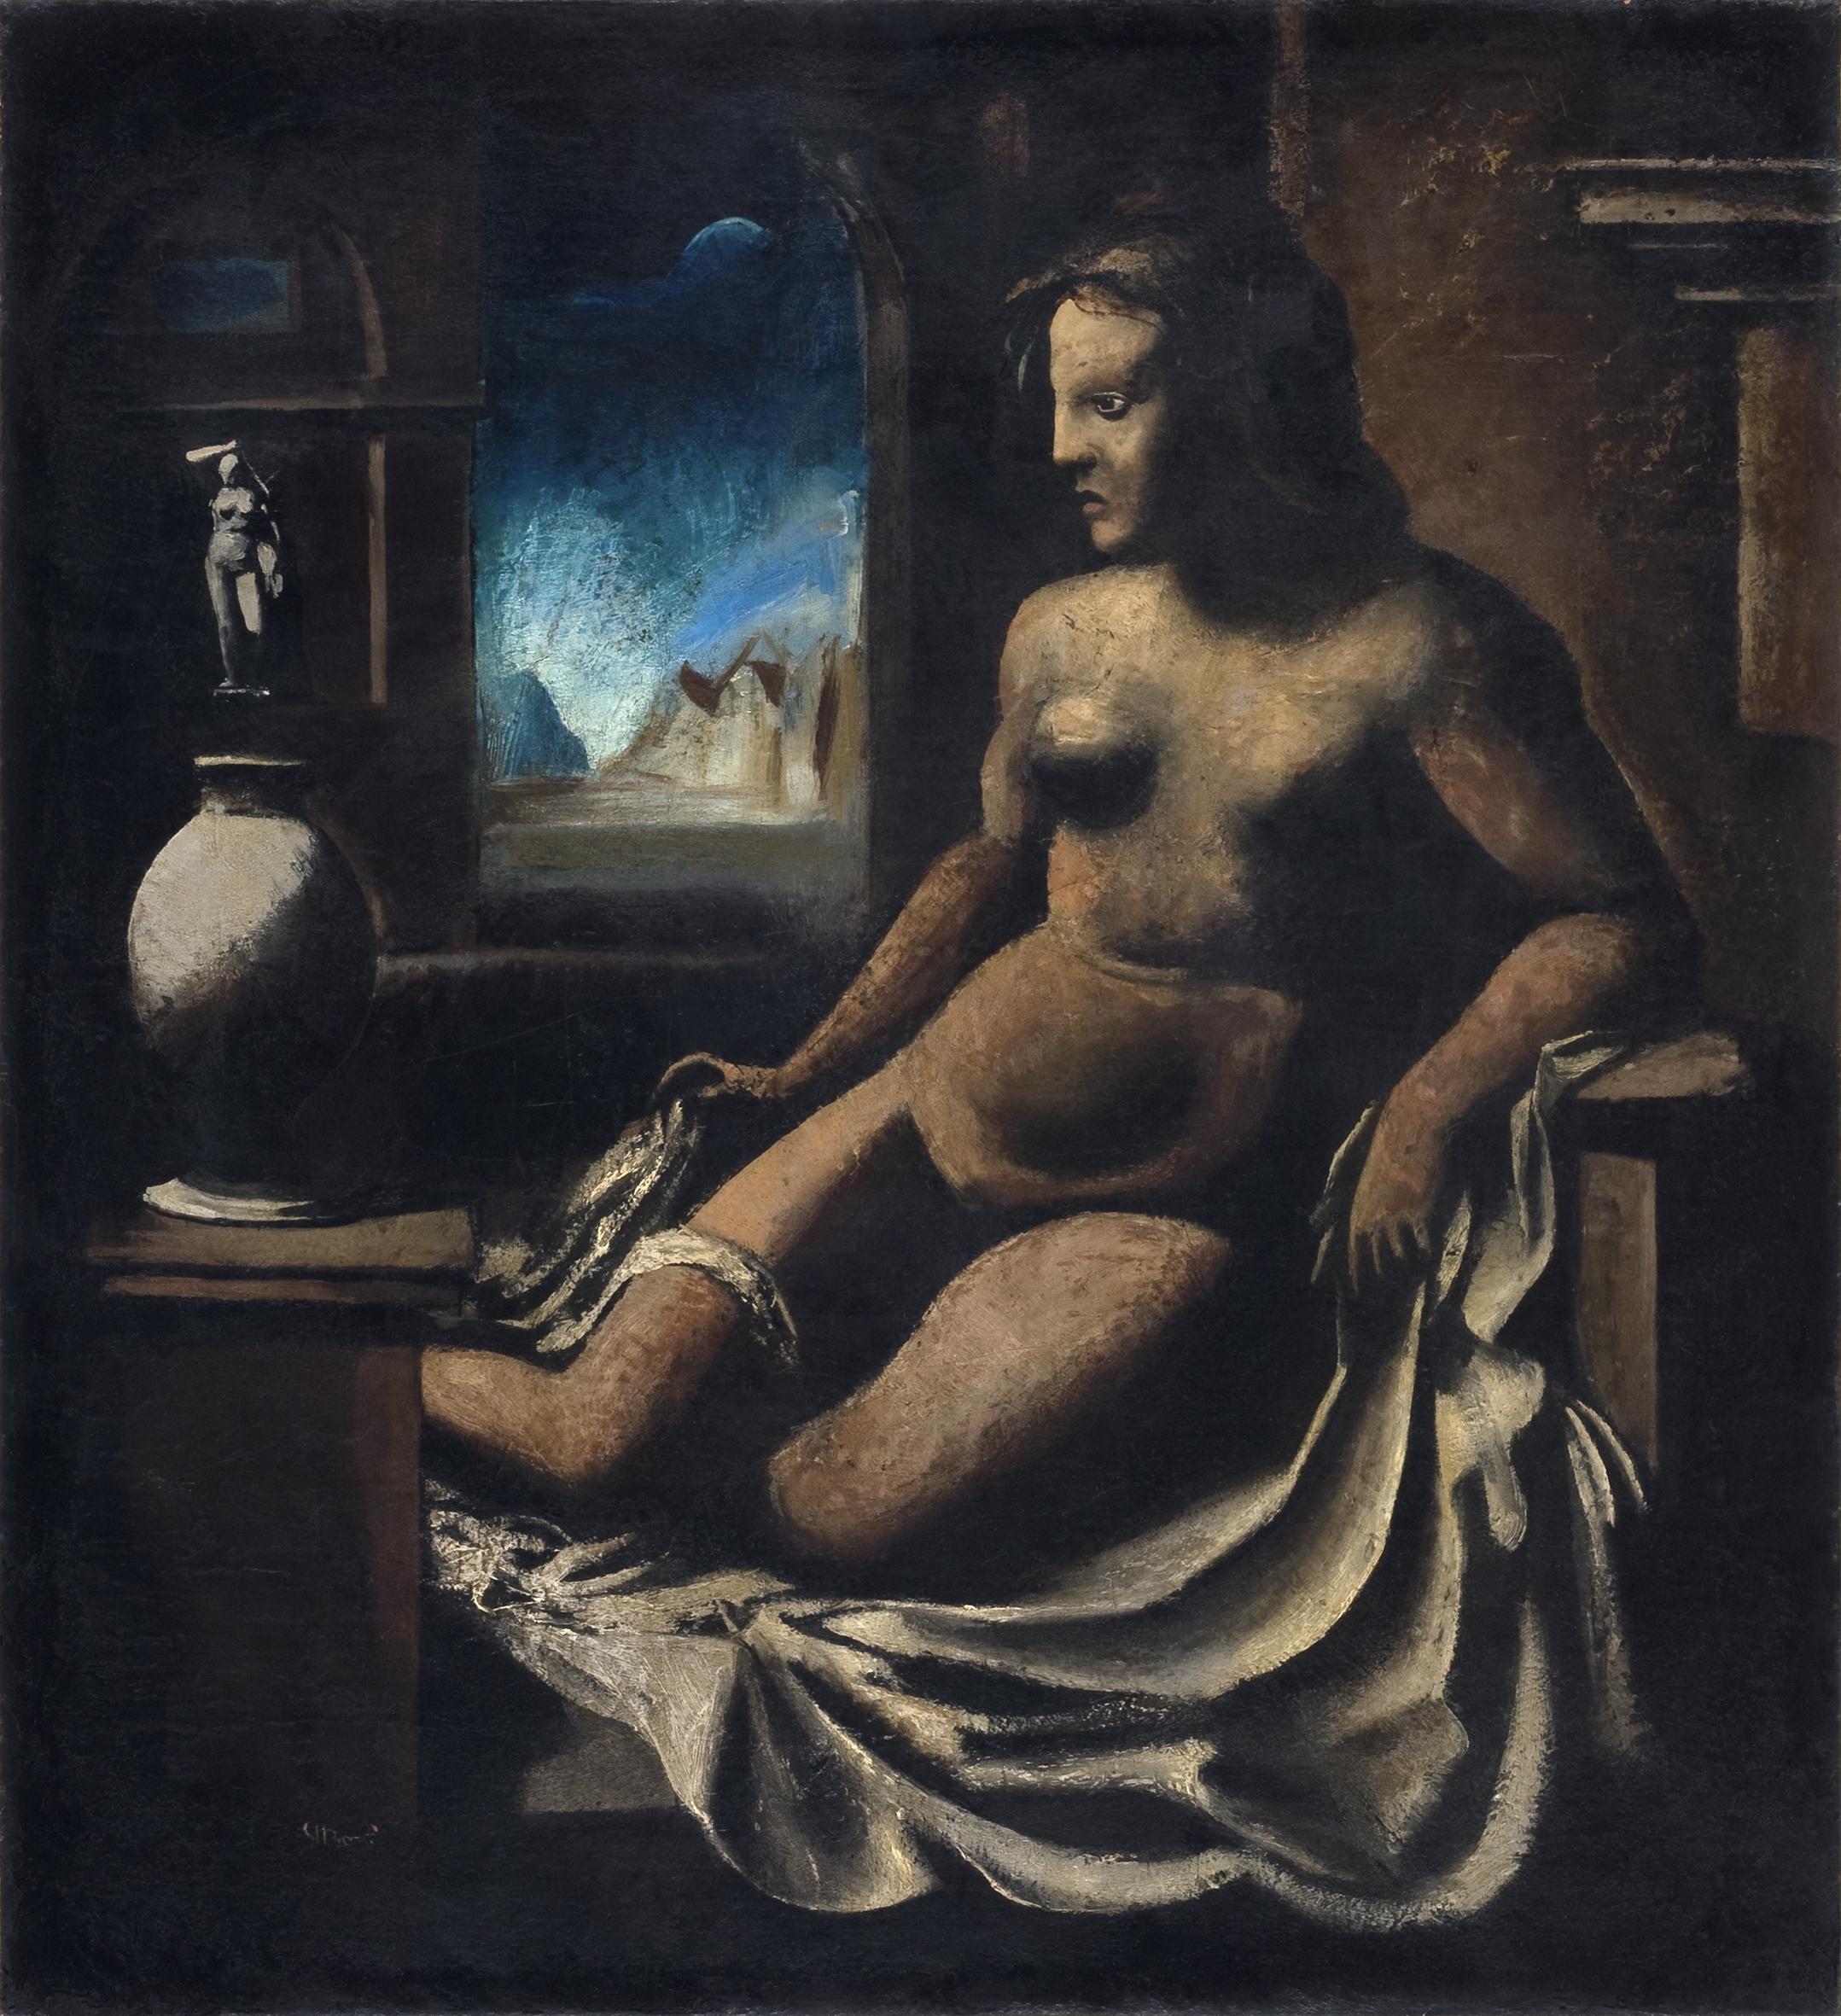 Mario Sironi, Pandora, 1921-22, olio su tela, 82 x 74 cm, collezione privata in deposito a lungo termine presso la Fondazione Musei Civici di Venezia, Gall Internazionale d'Arte - © by SIAE 2021